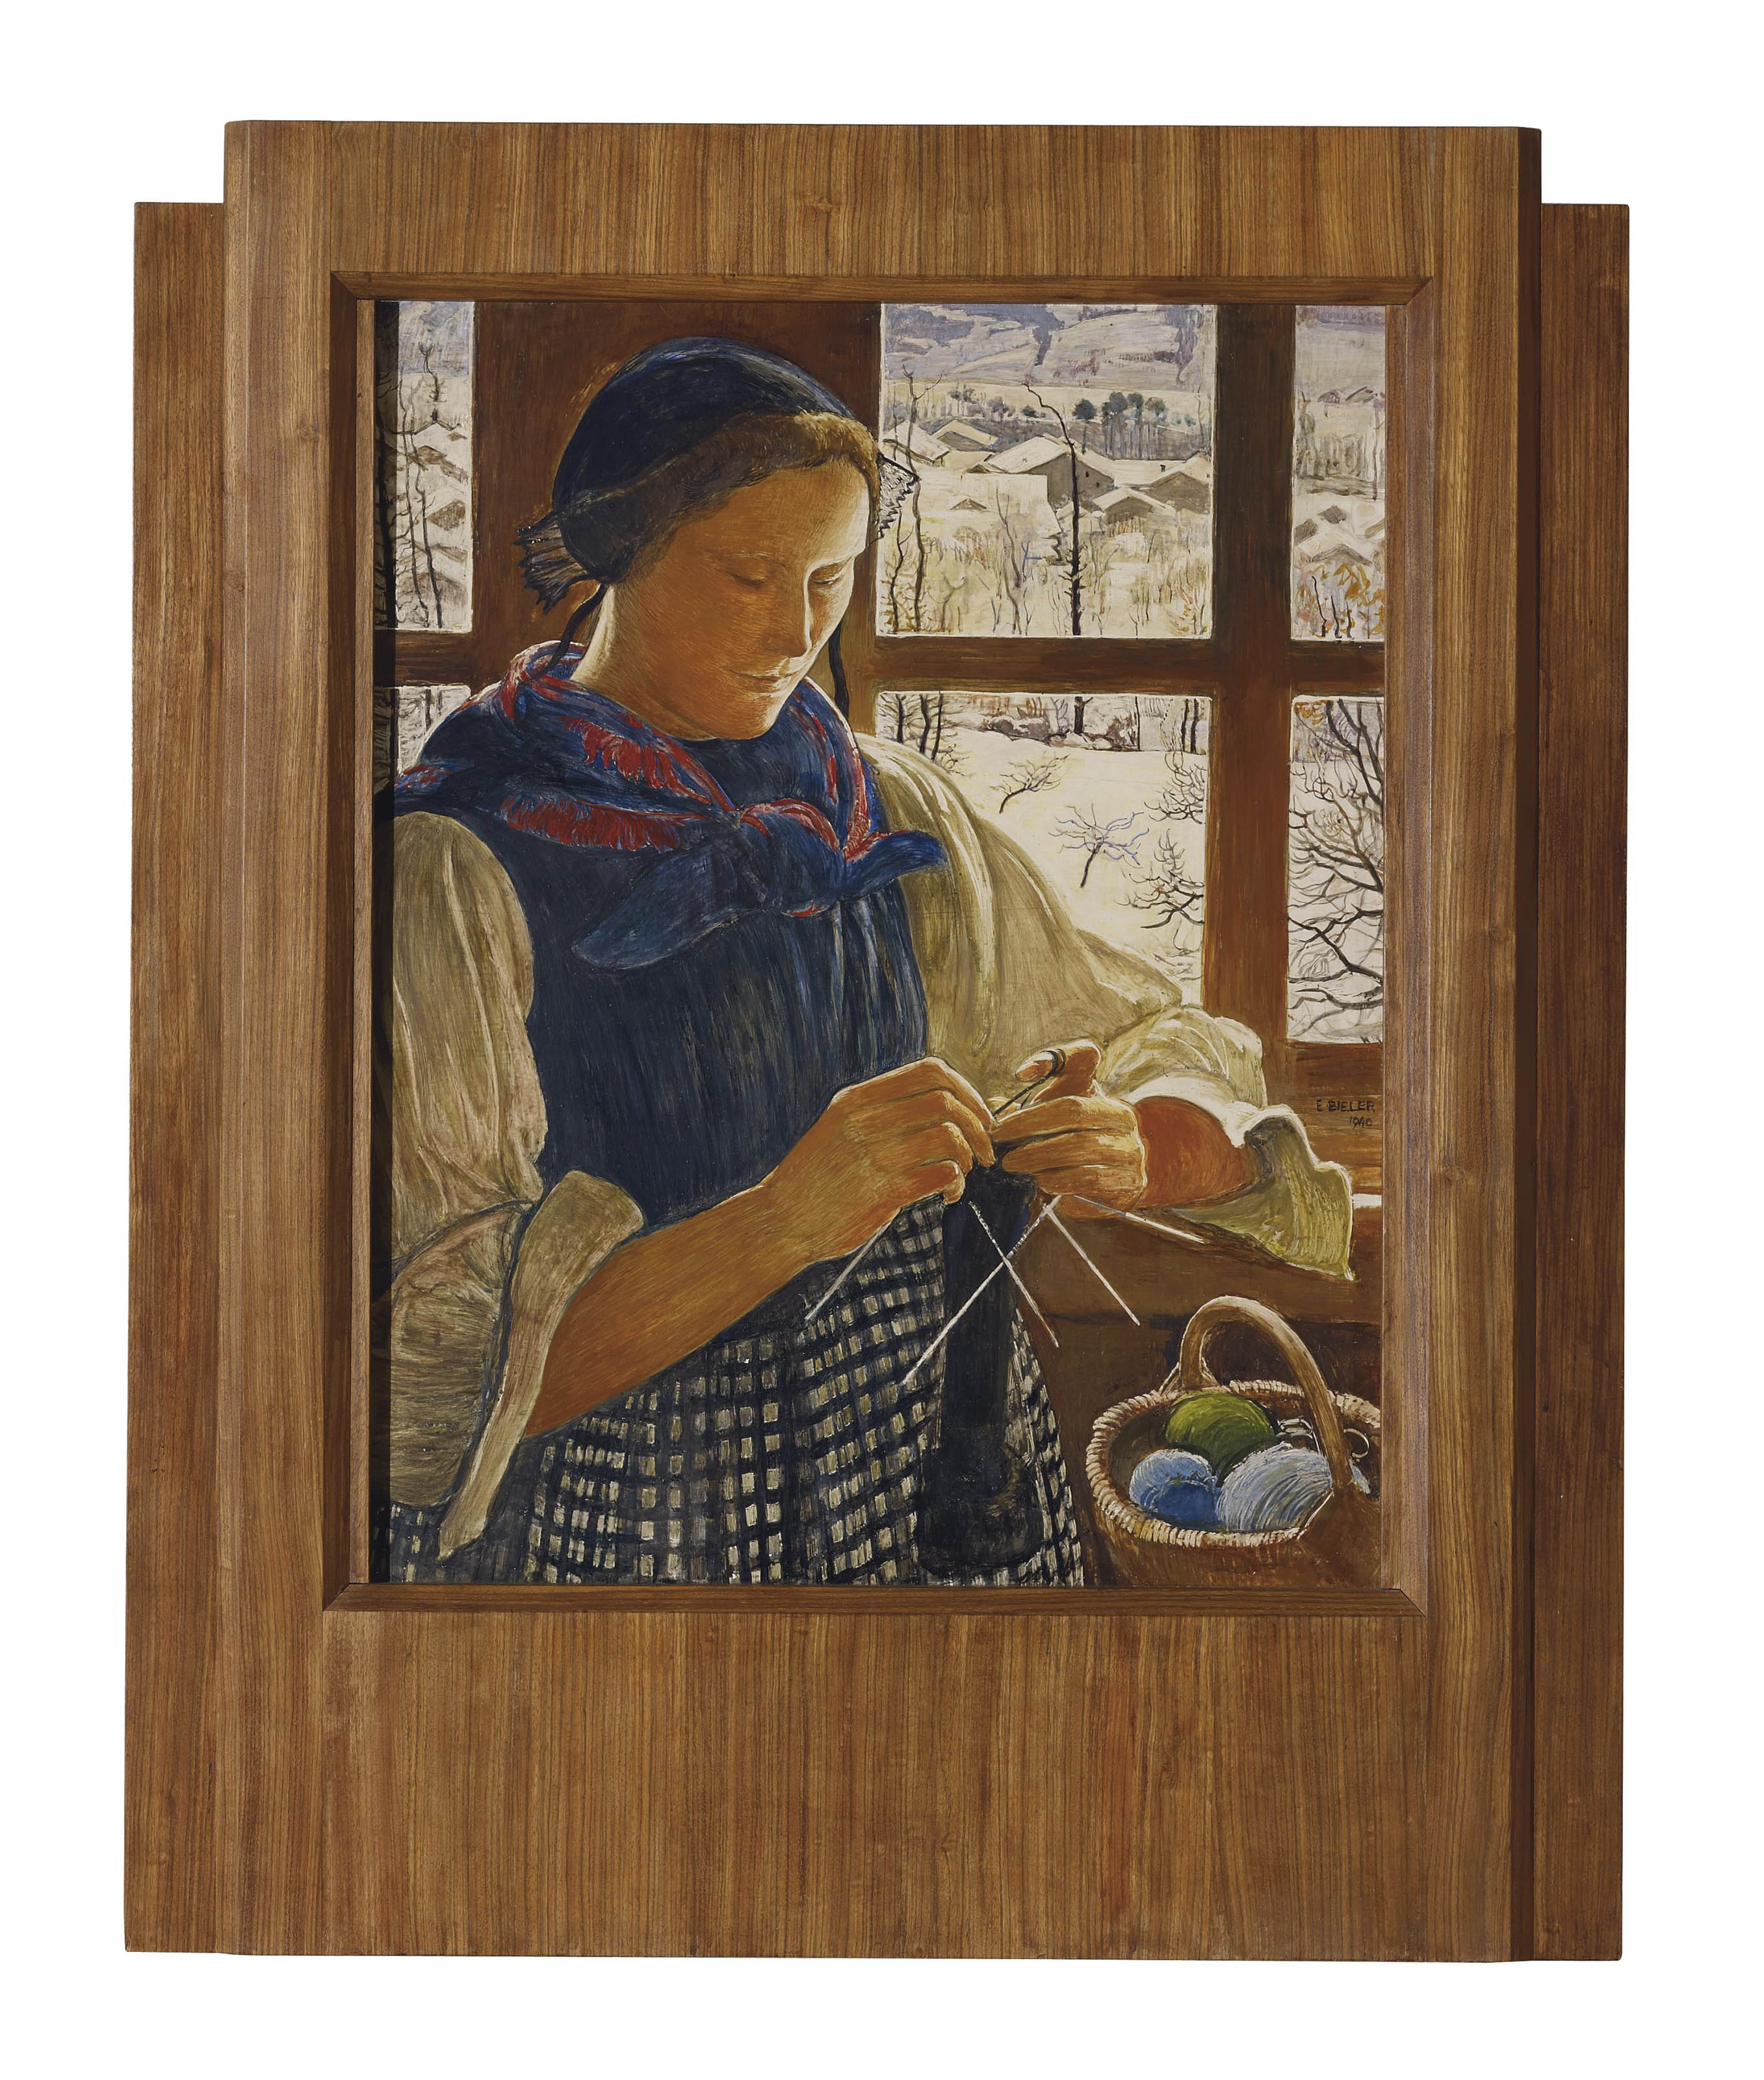 Rose à la fenêtre, 1940